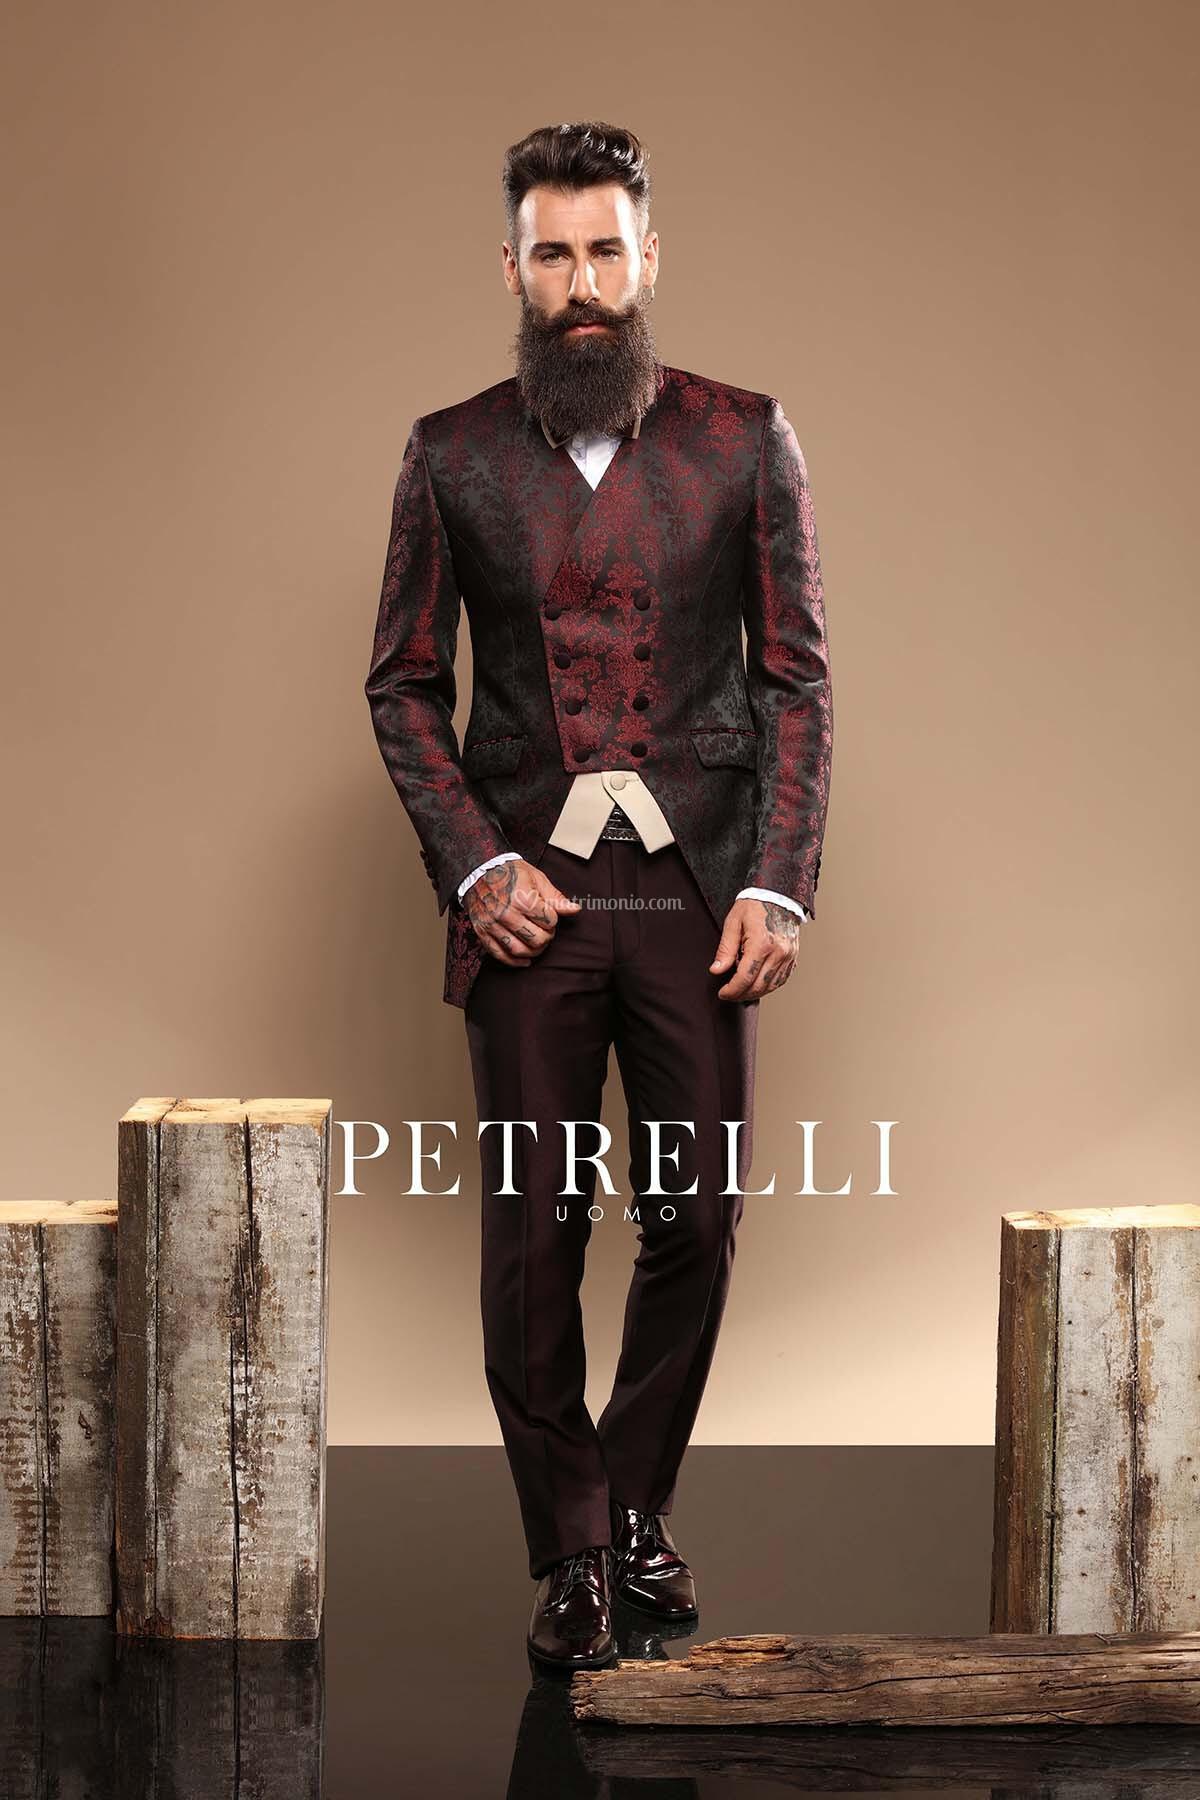 Vestiti da Sposo di Petrelli Uomo - 766 c.523 - Matrimonio.com